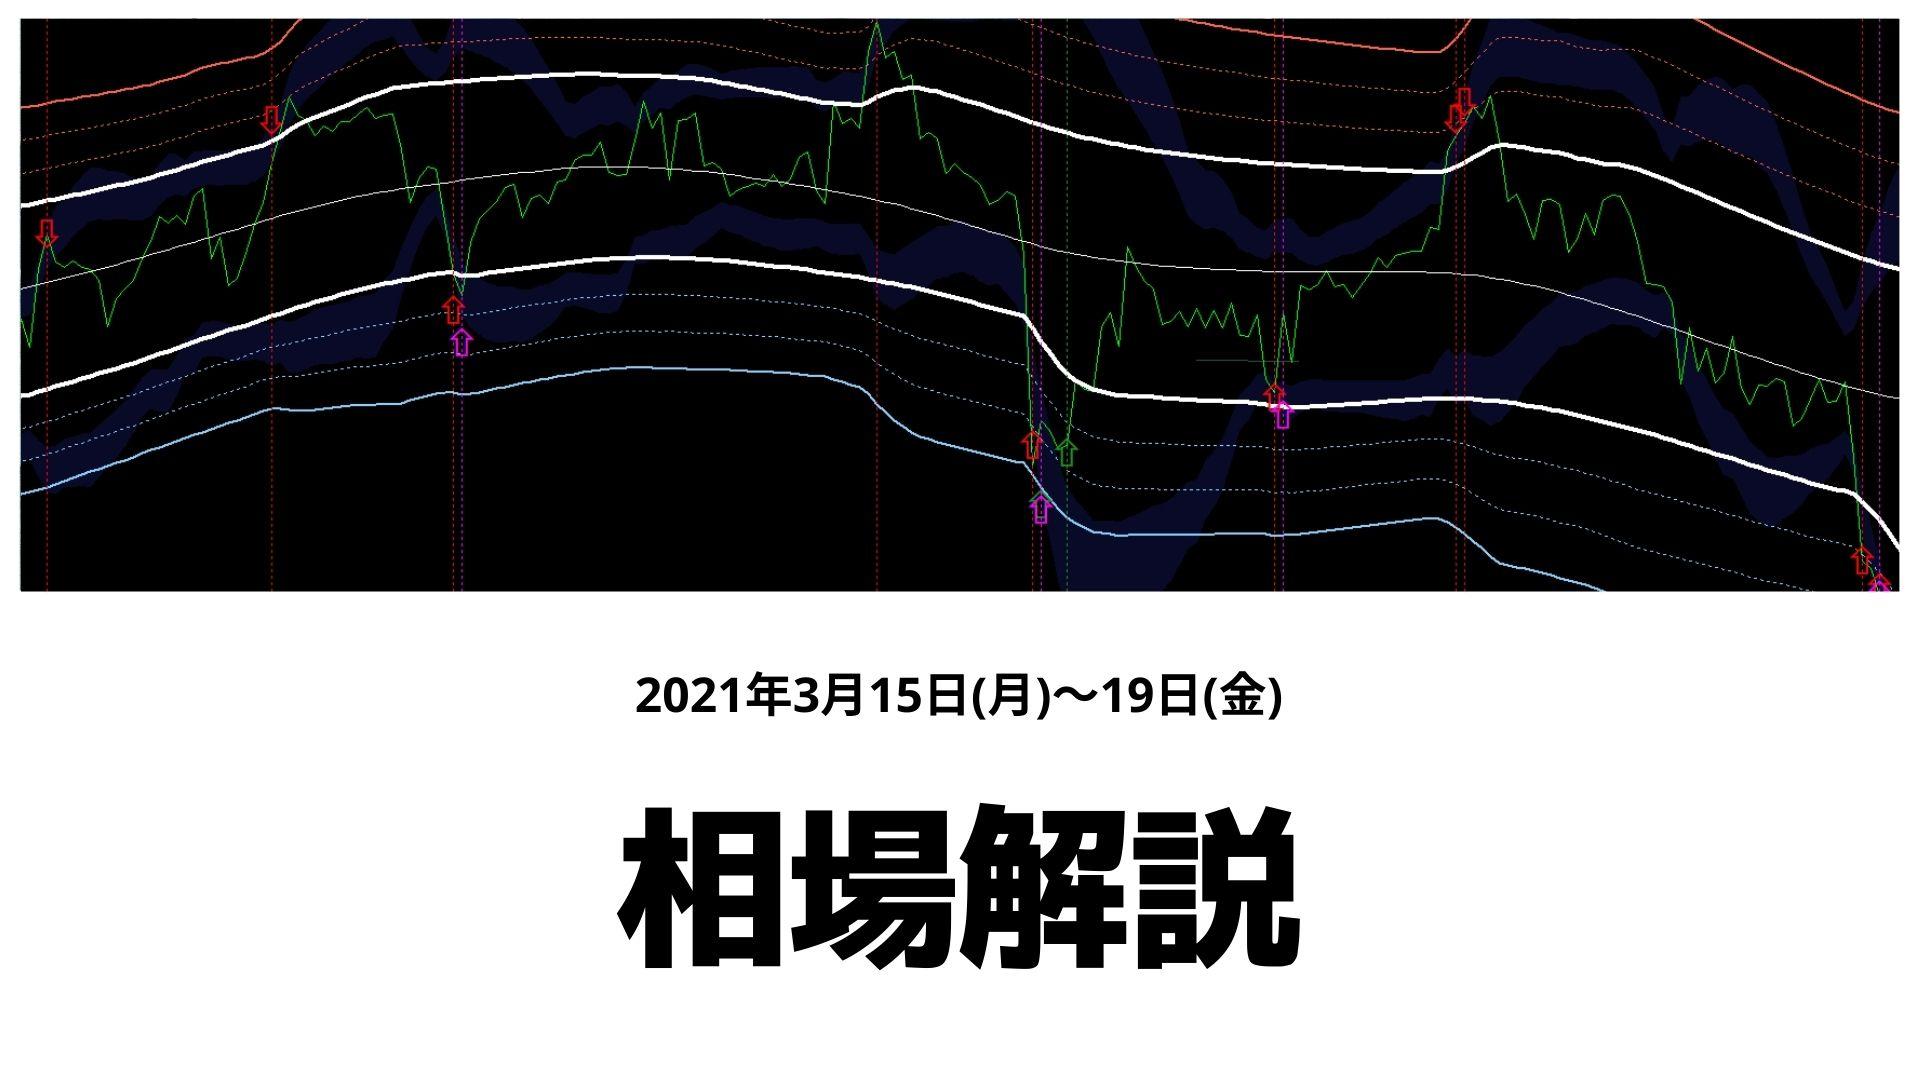 【相場解説】3/15(月)~19(金)